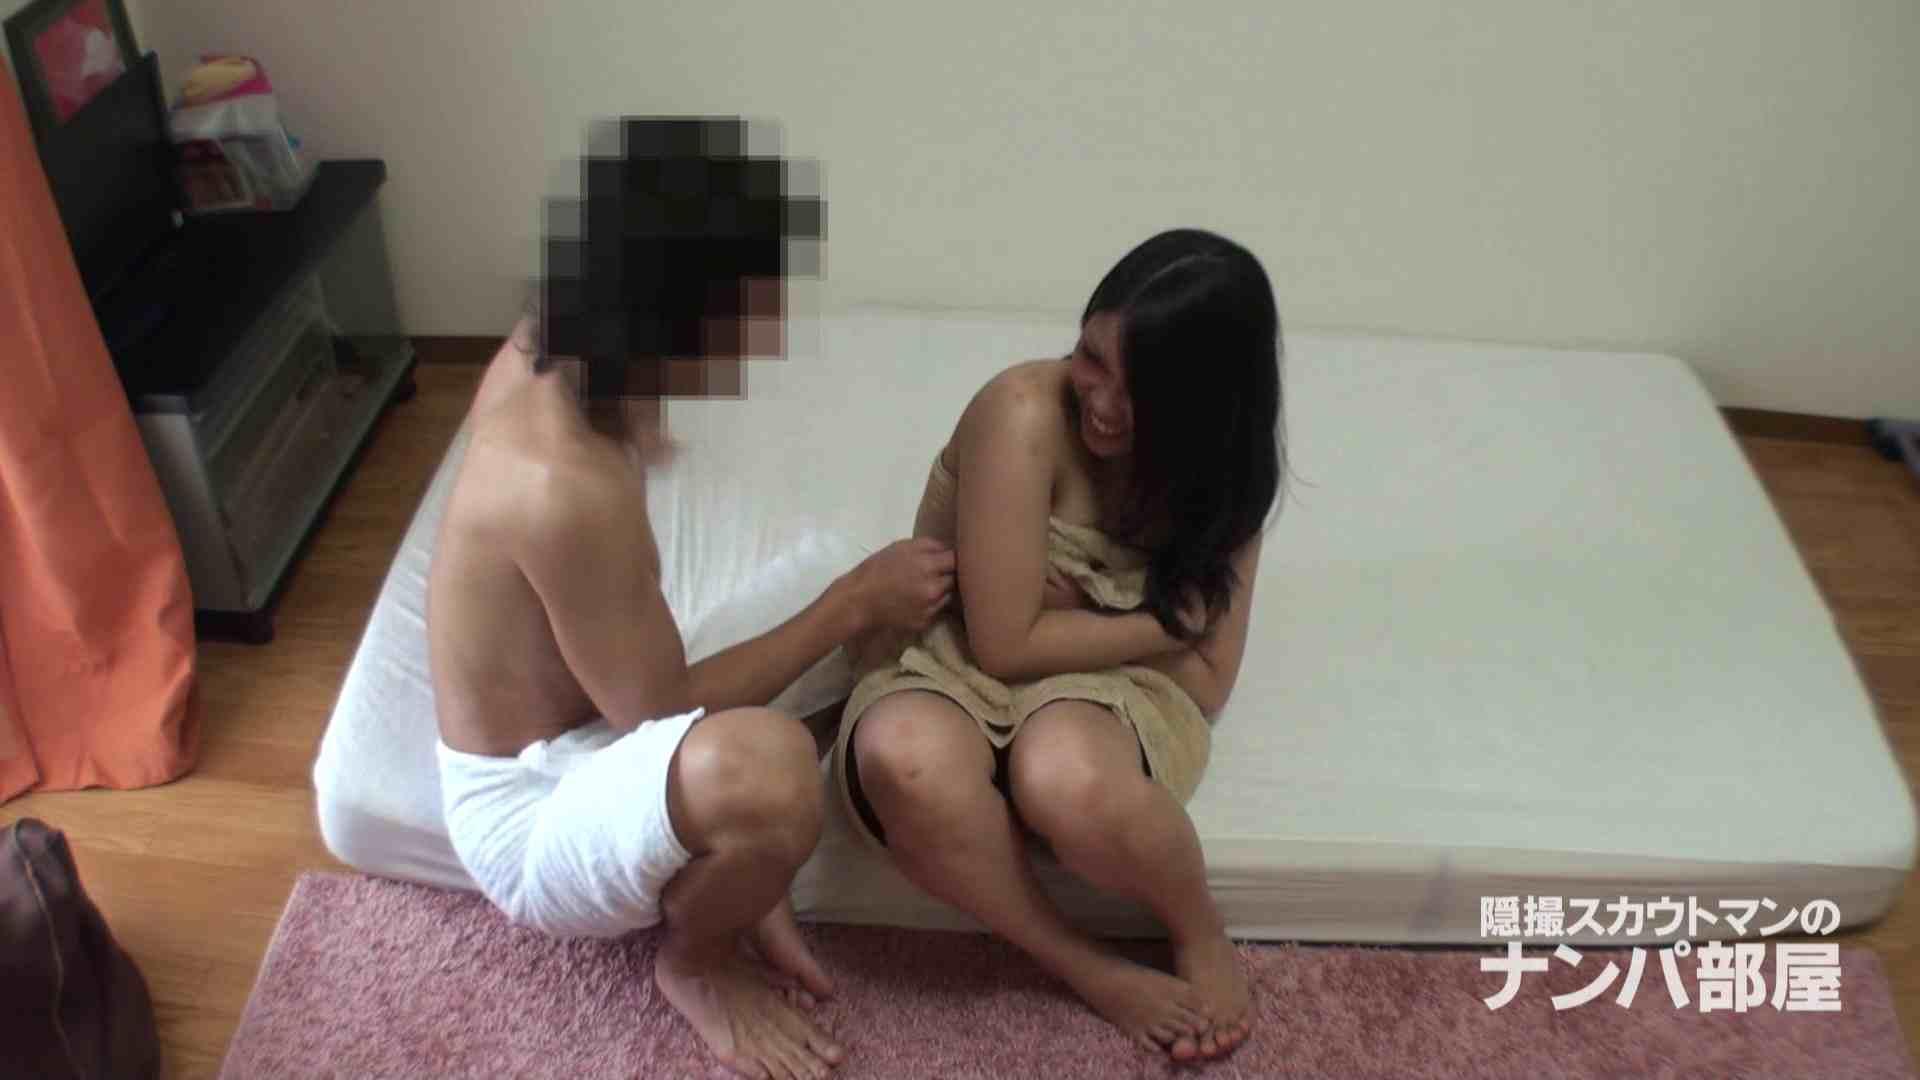 隠撮スカウトマンのナンパ部屋~風俗デビュー前のつまみ食い~hana 隠撮  105PIX 102